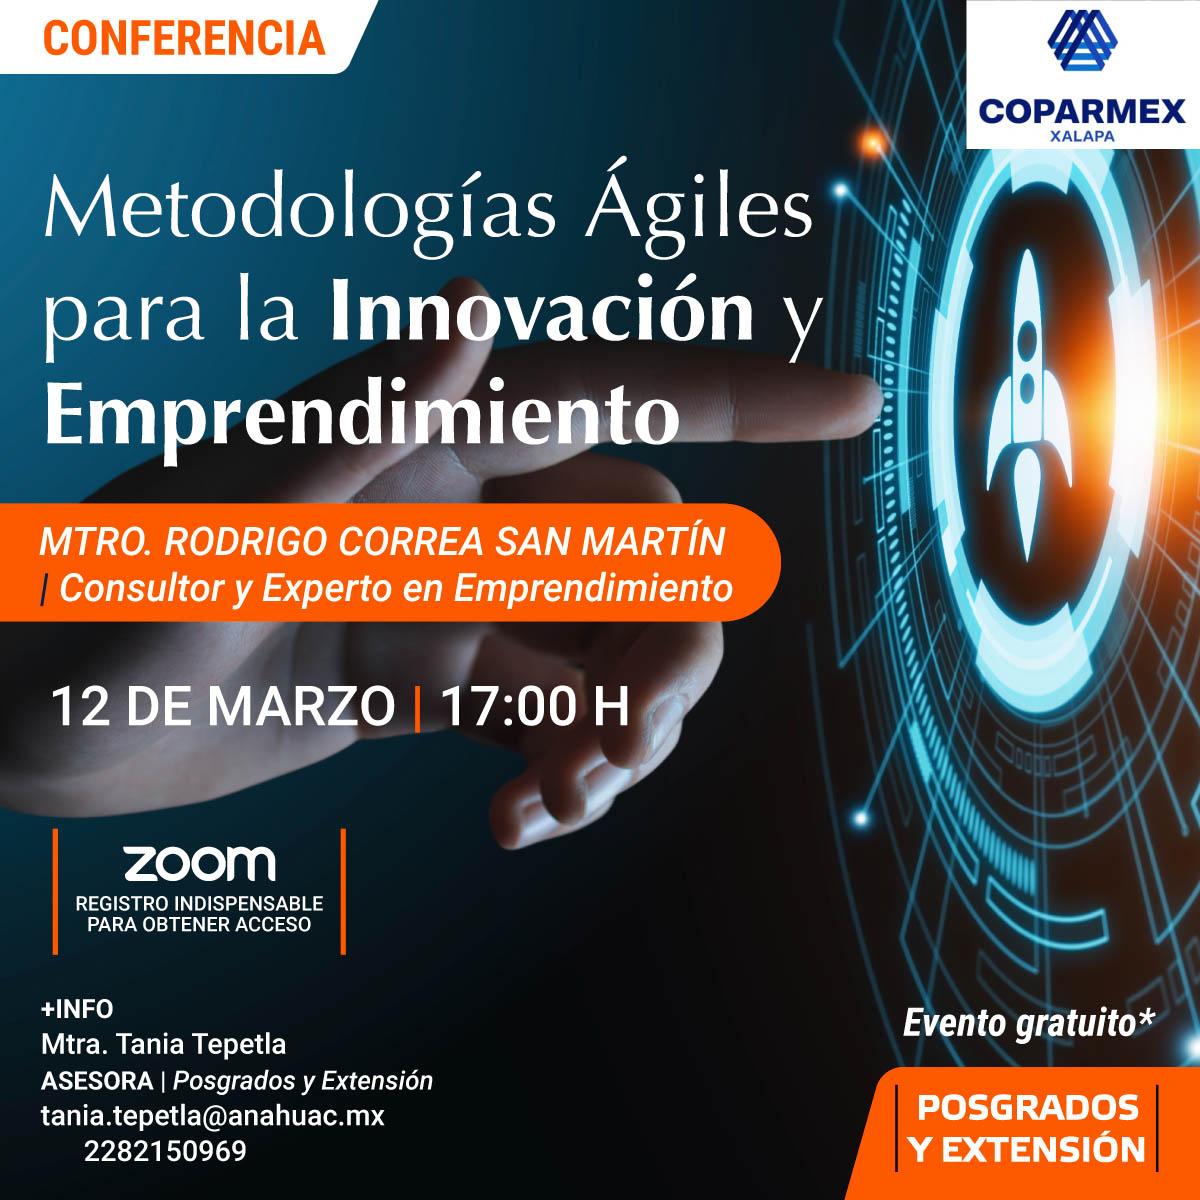 Metodologías Ágiles para la Innovación y Emprendimiento